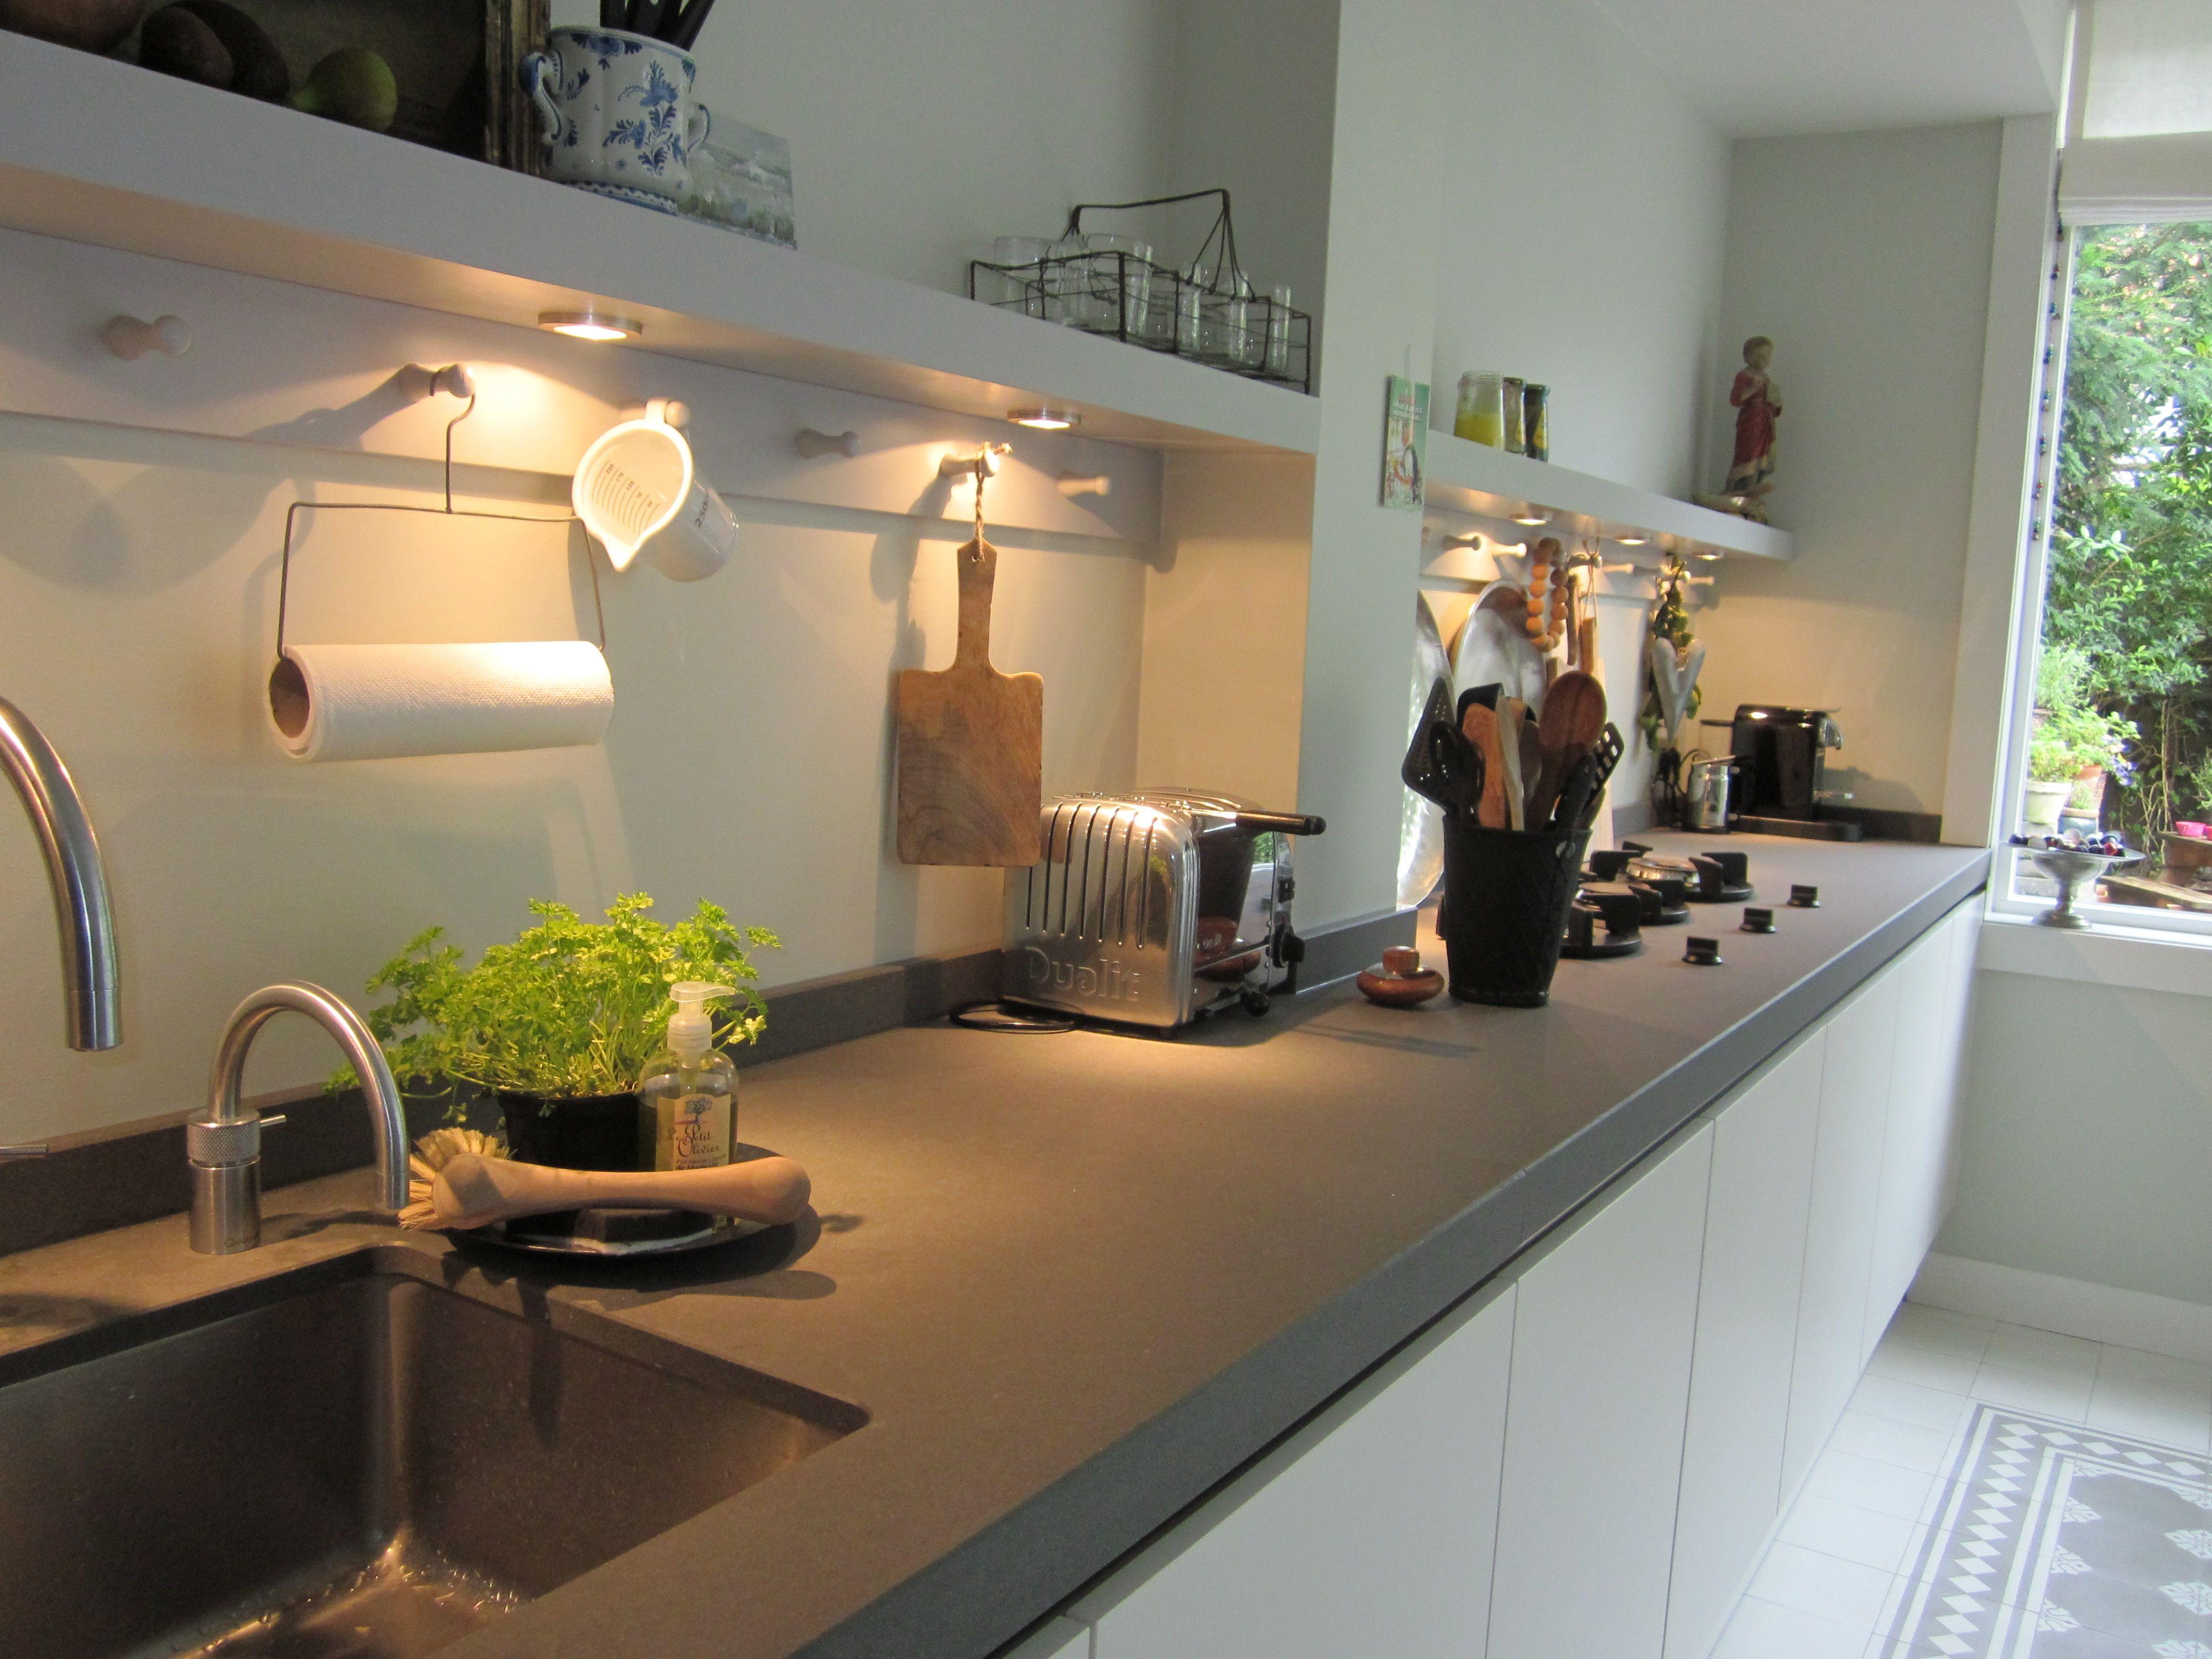 Keuken Interieur Scandinavisch : Vestingh wandcoating beschermt uw keuken wand tegen vuil vet en